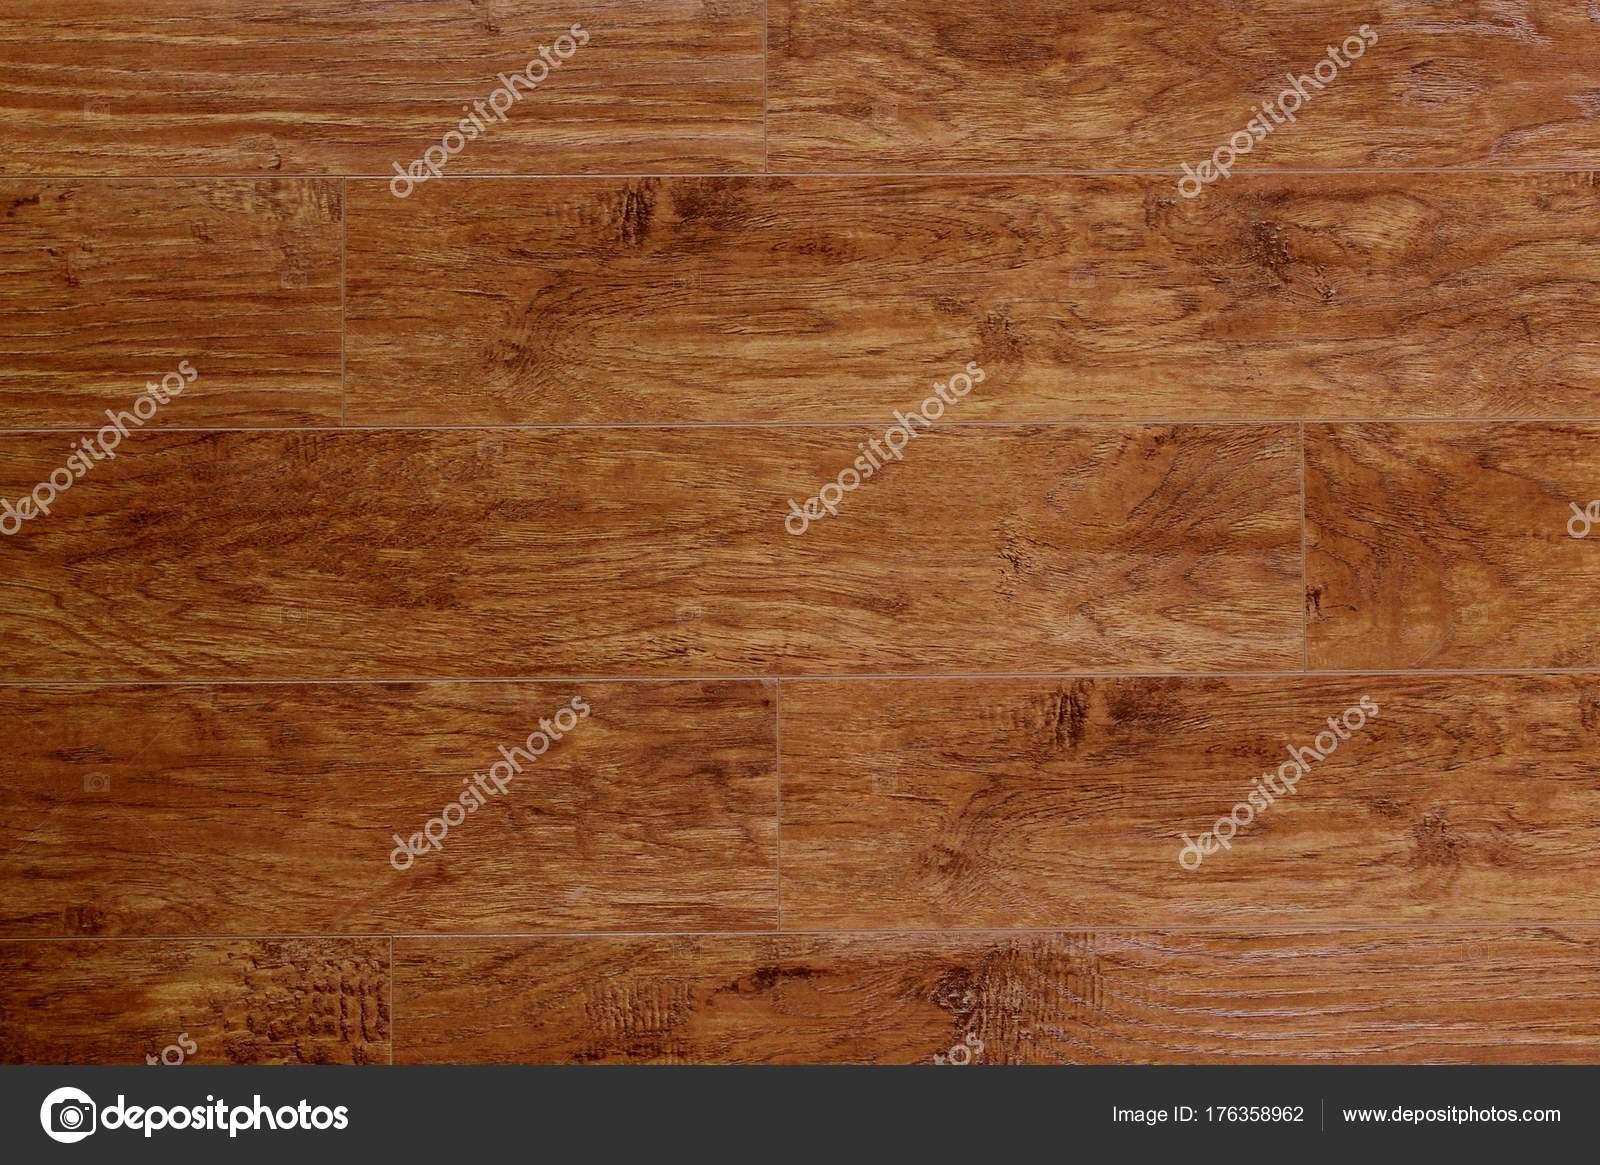 Fesselnd Hickory Holz Boden Textur U2014 Foto Von P.harut